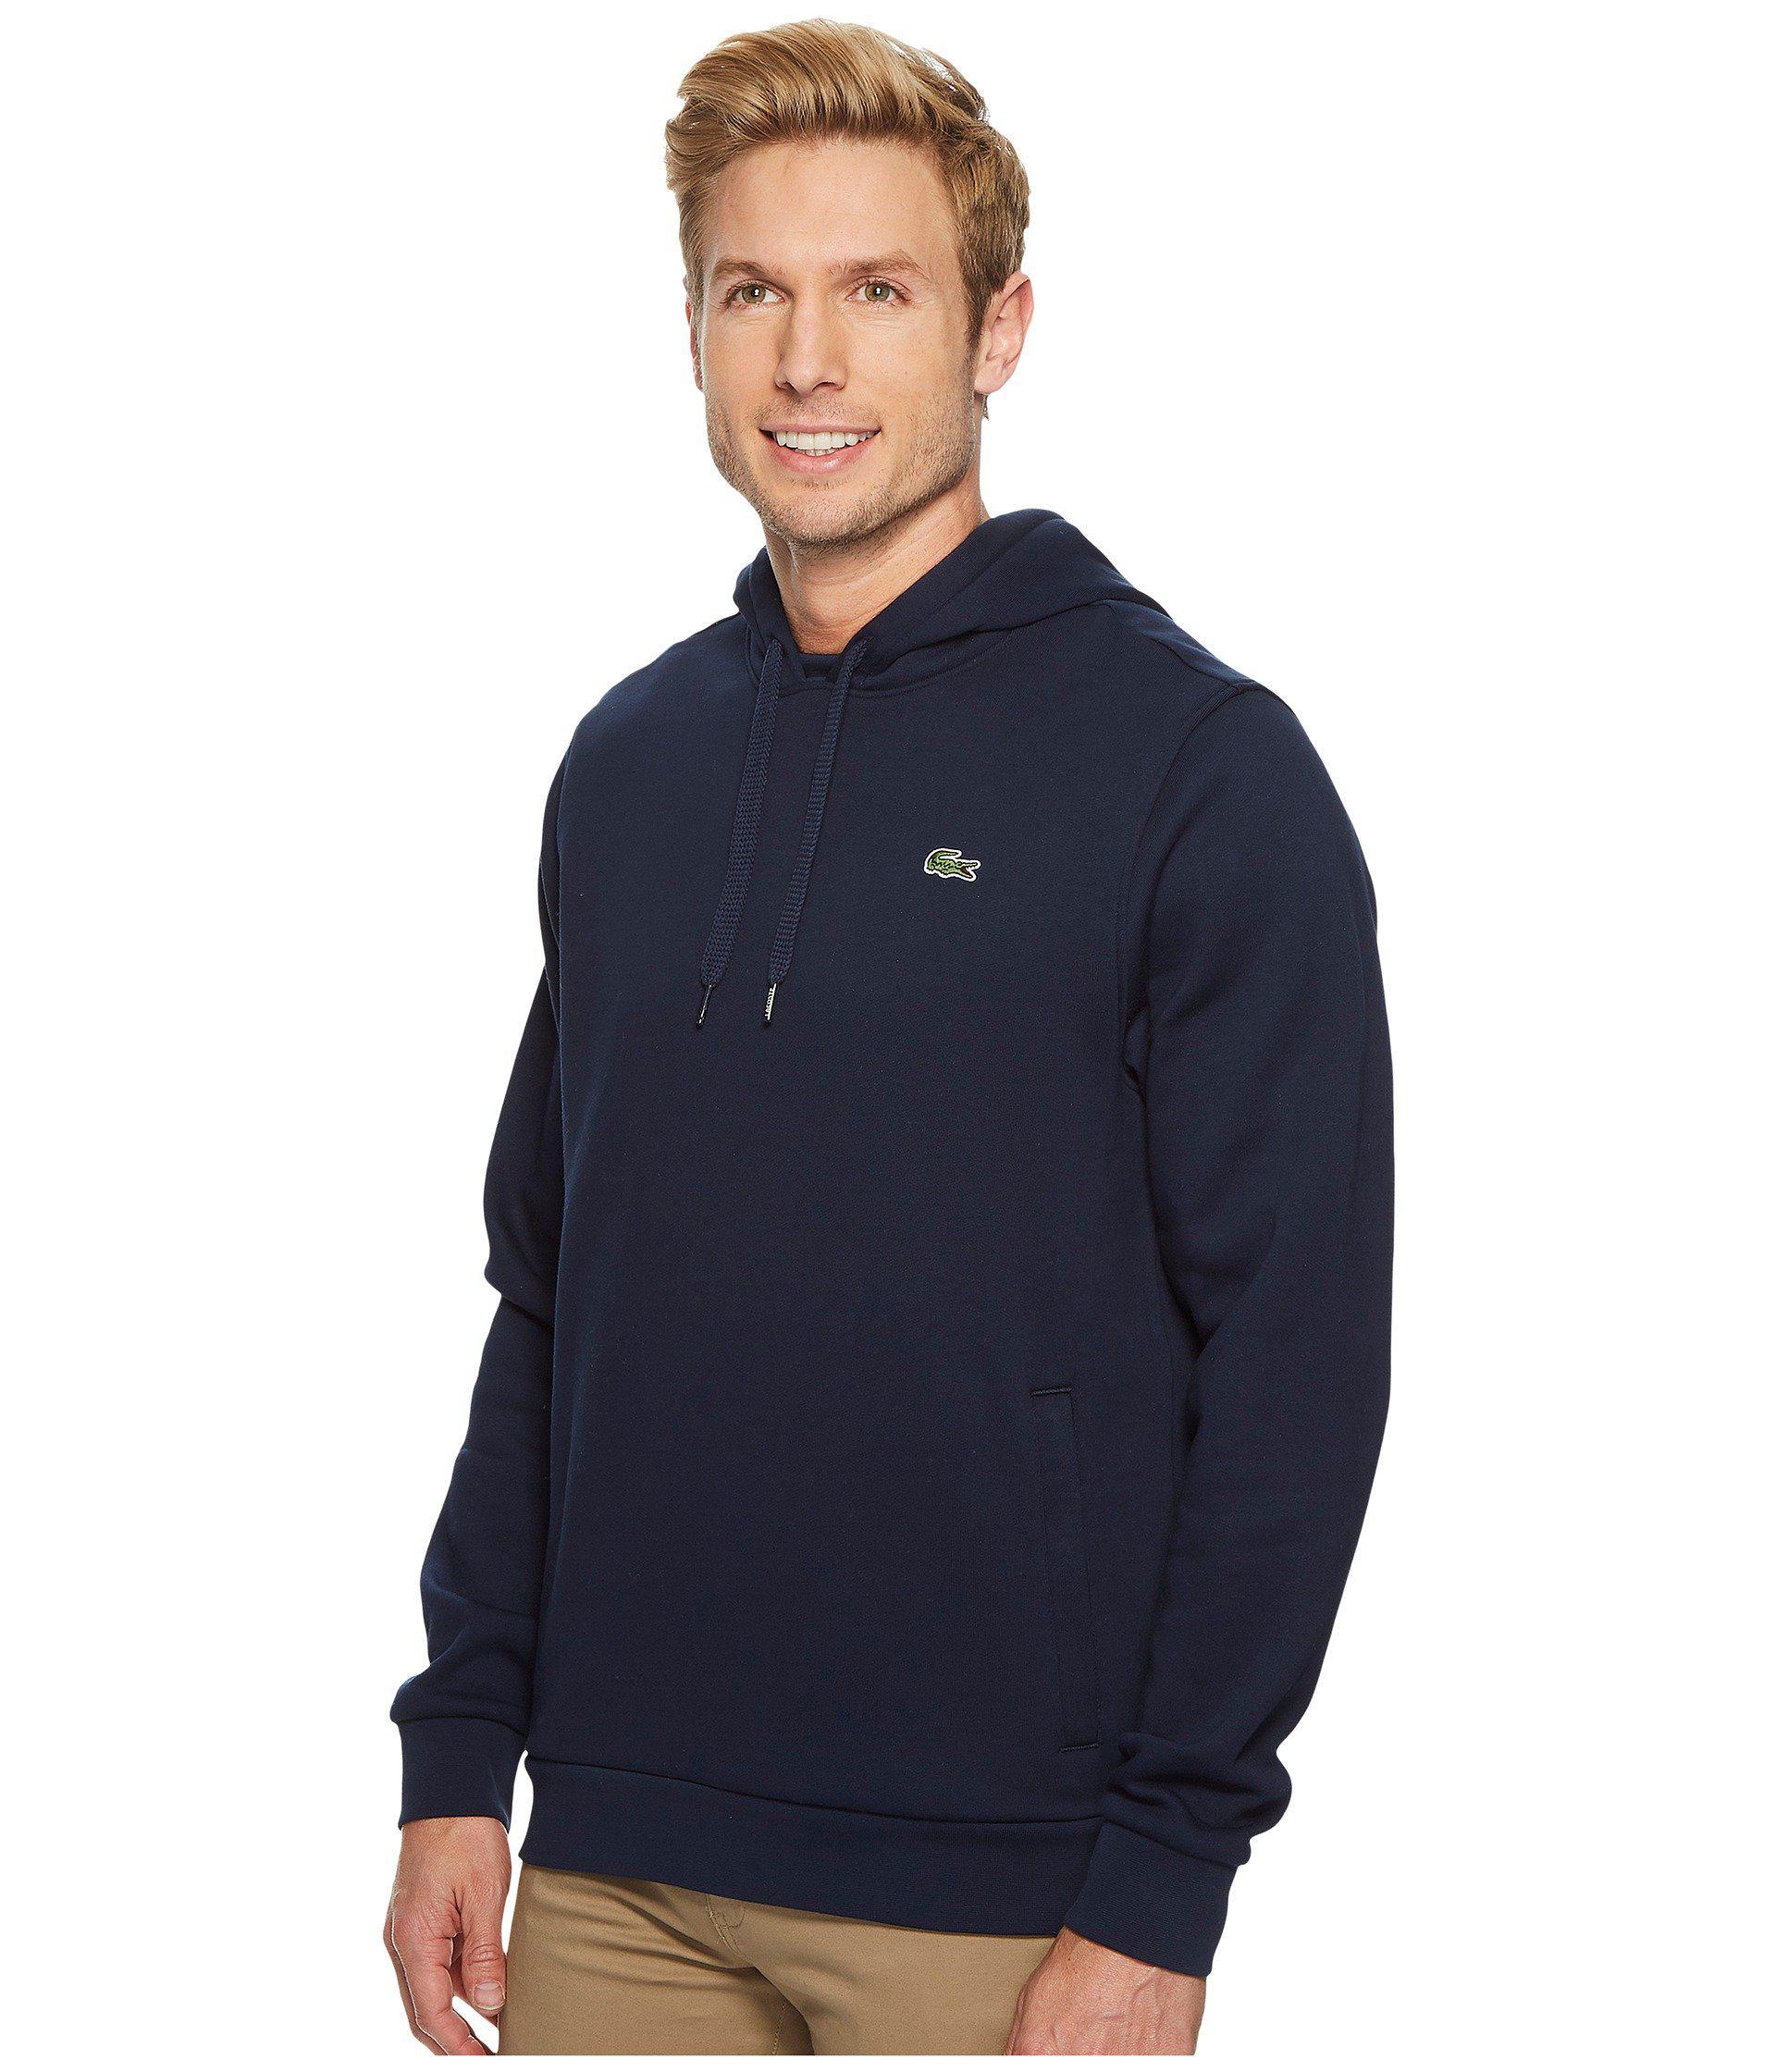 b5200d963629 Lyst - Lacoste Sport Pullover Hoodie Fleece (navy Blue silver Chine) Men s  Sweatshirt in Blue for Men